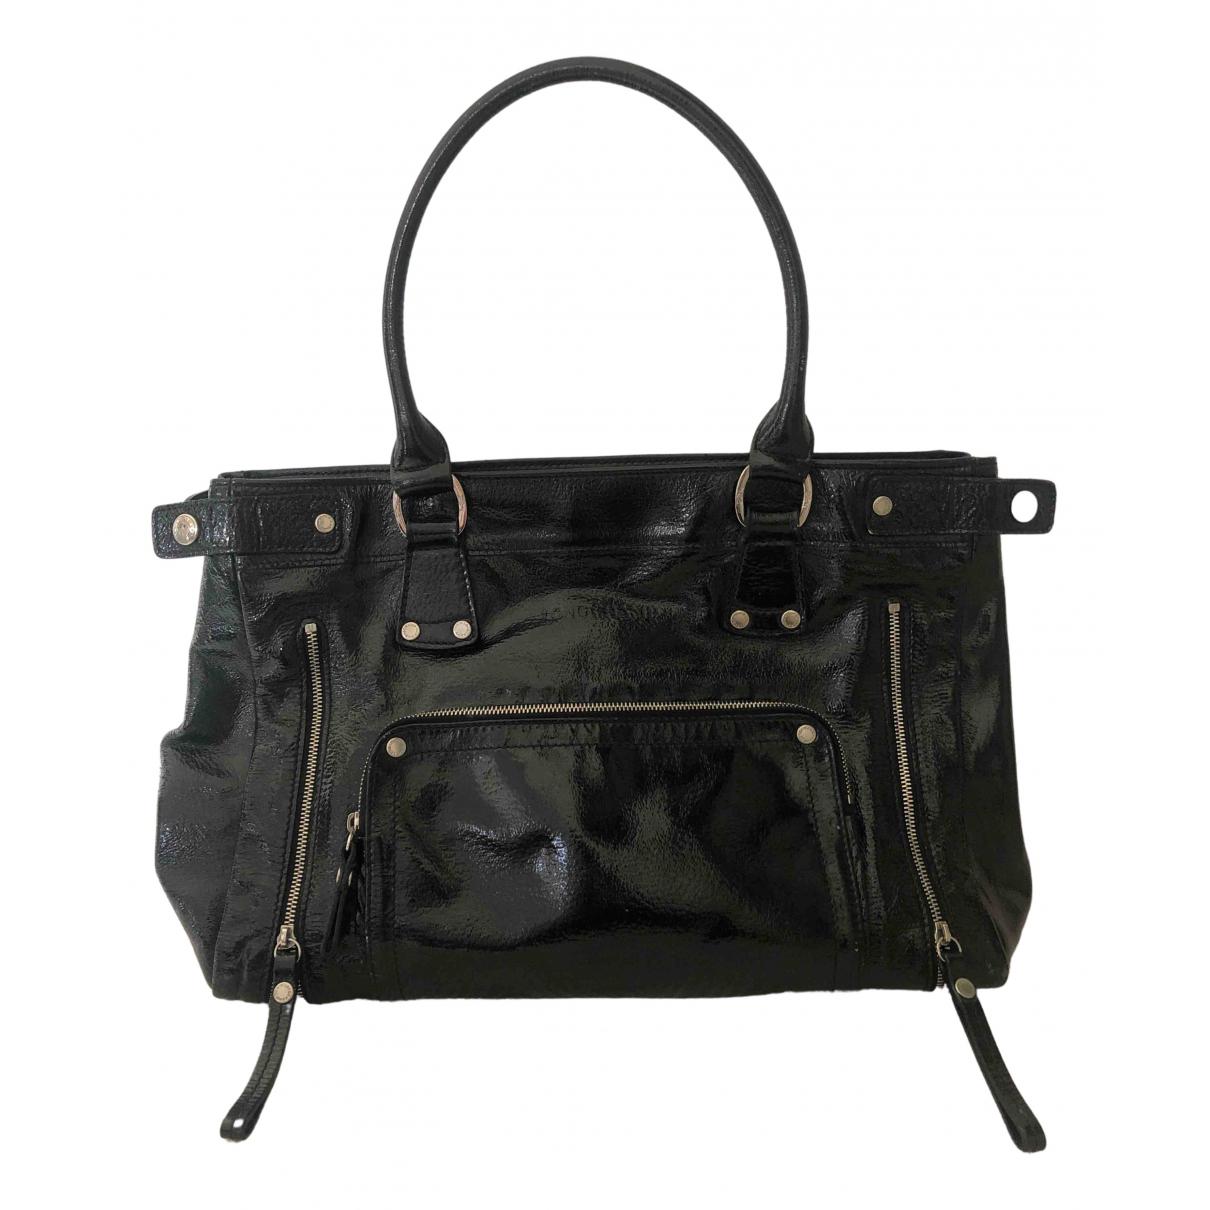 Longchamp \N Handtasche in  Schwarz Lackleder